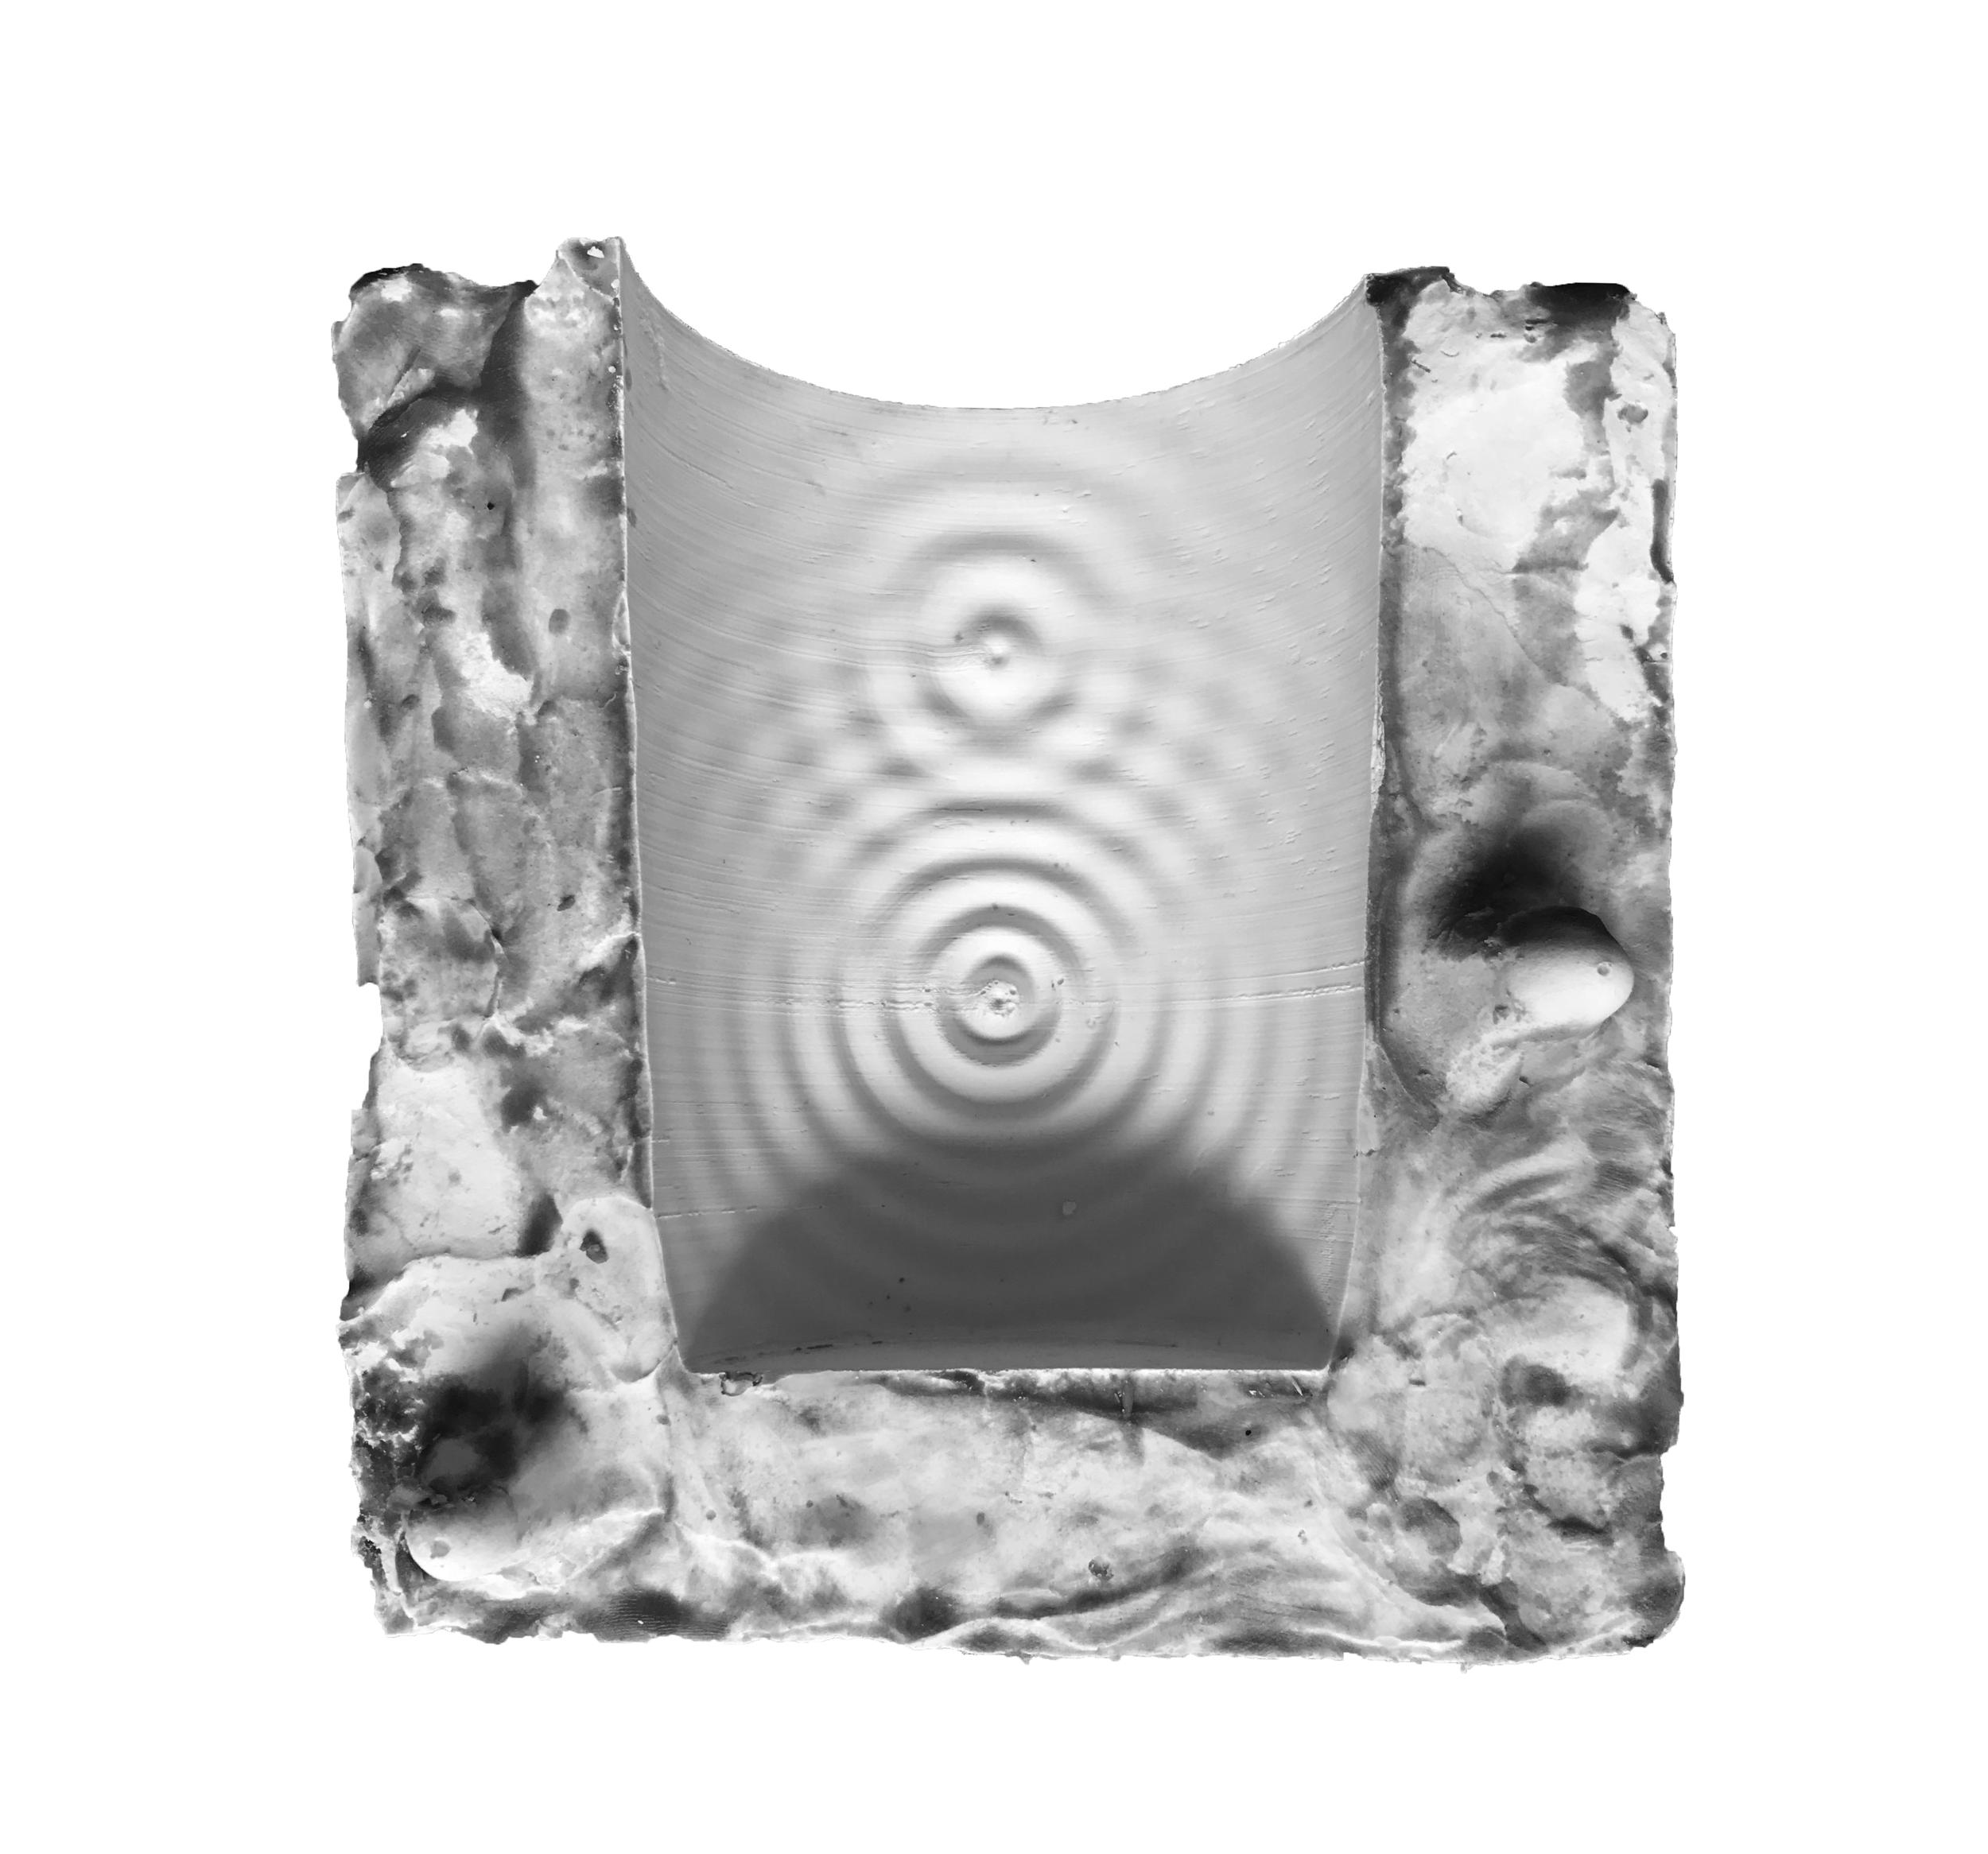 PARAPORT - Parametric Porcelain